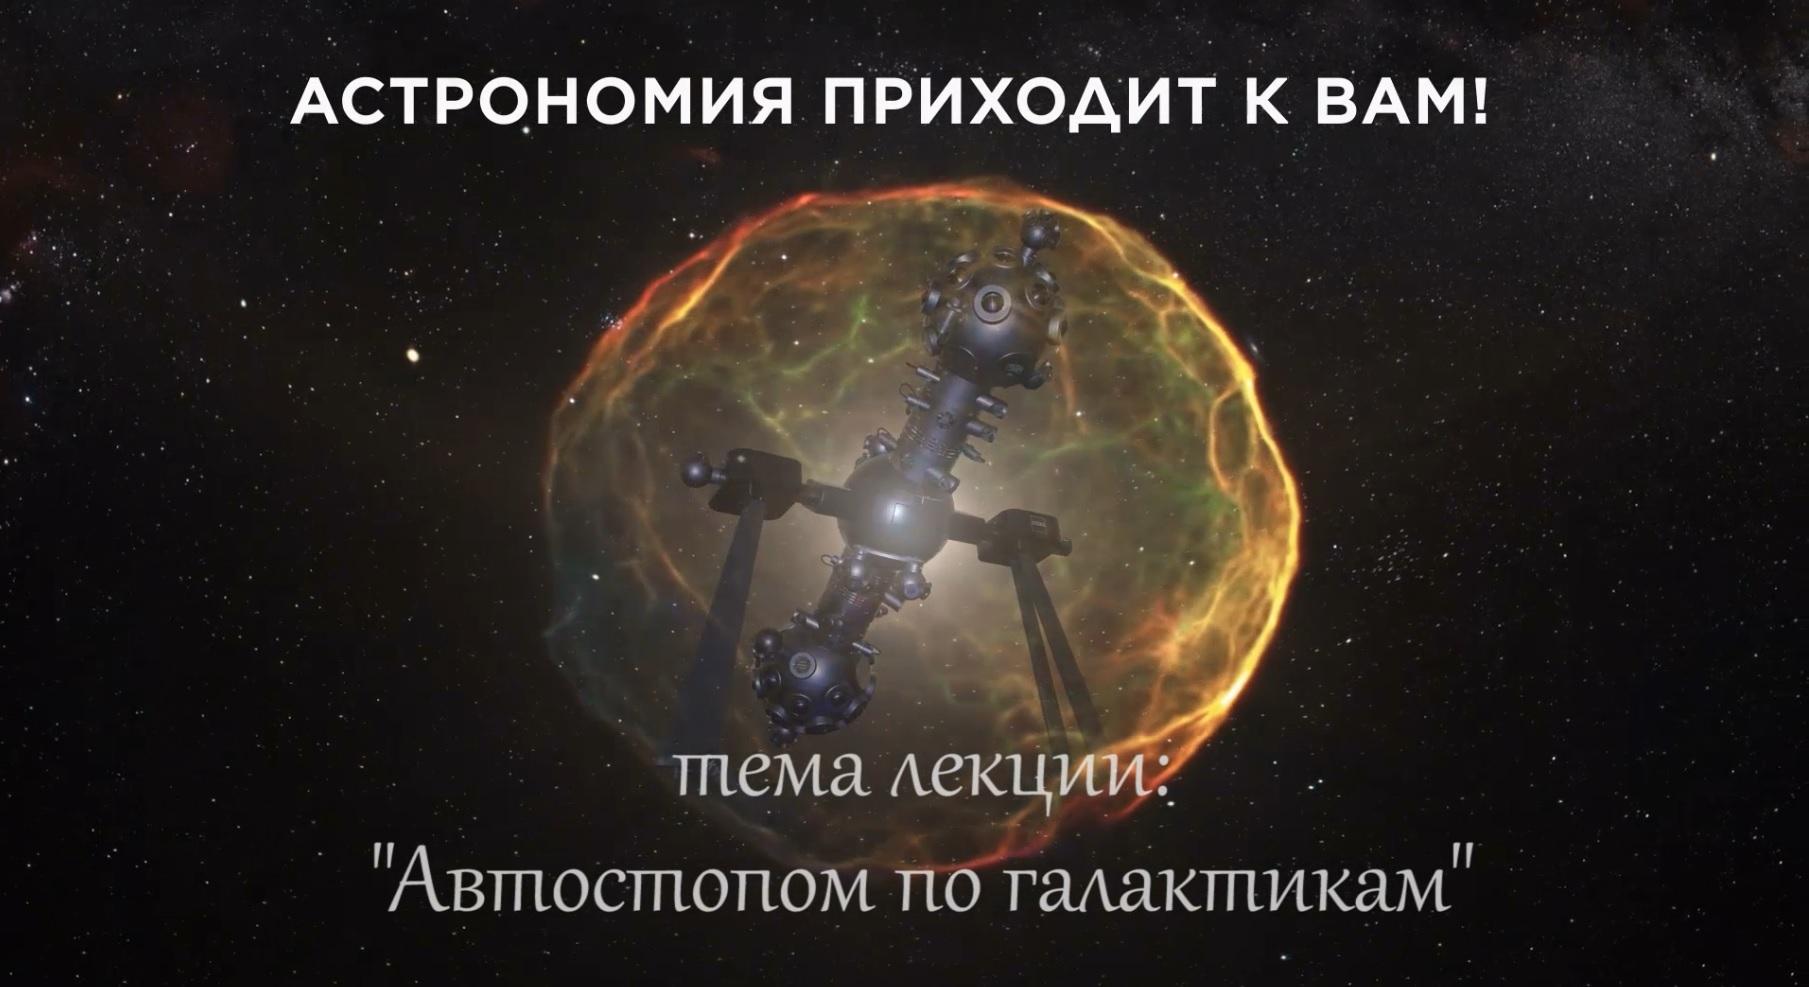 Автостопом по галактикам